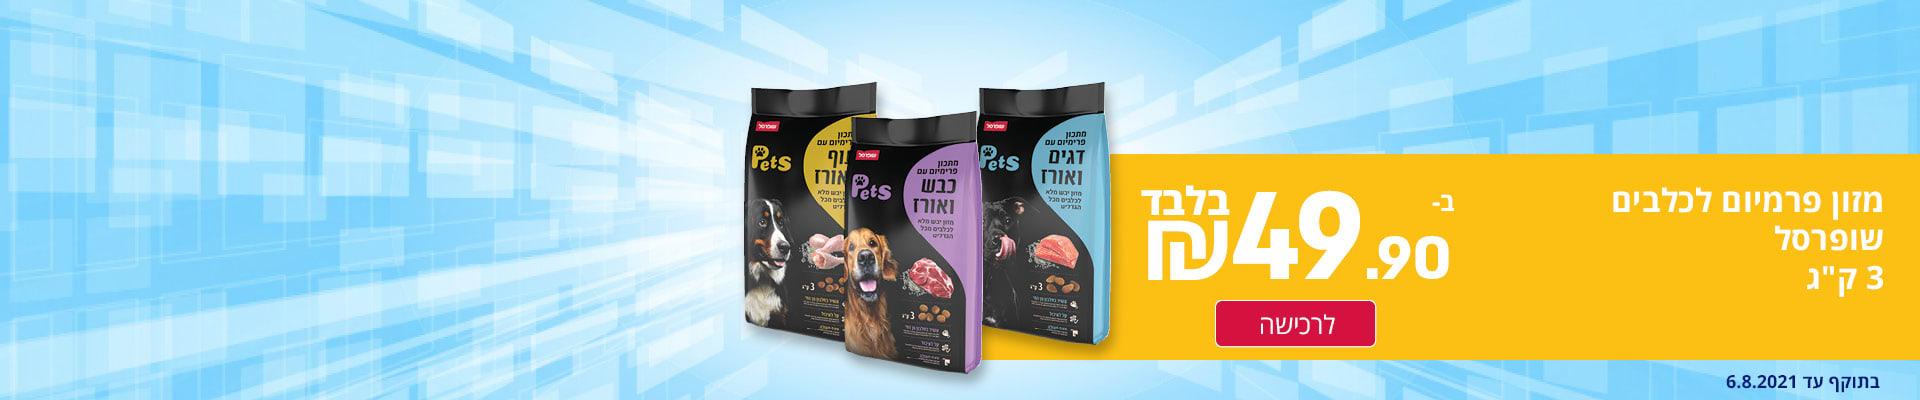 מזון פרמיום לכלבים שופרסל ב- 49.90 ₪ בלבד לרכישה בתוקף עד 6.8.2021